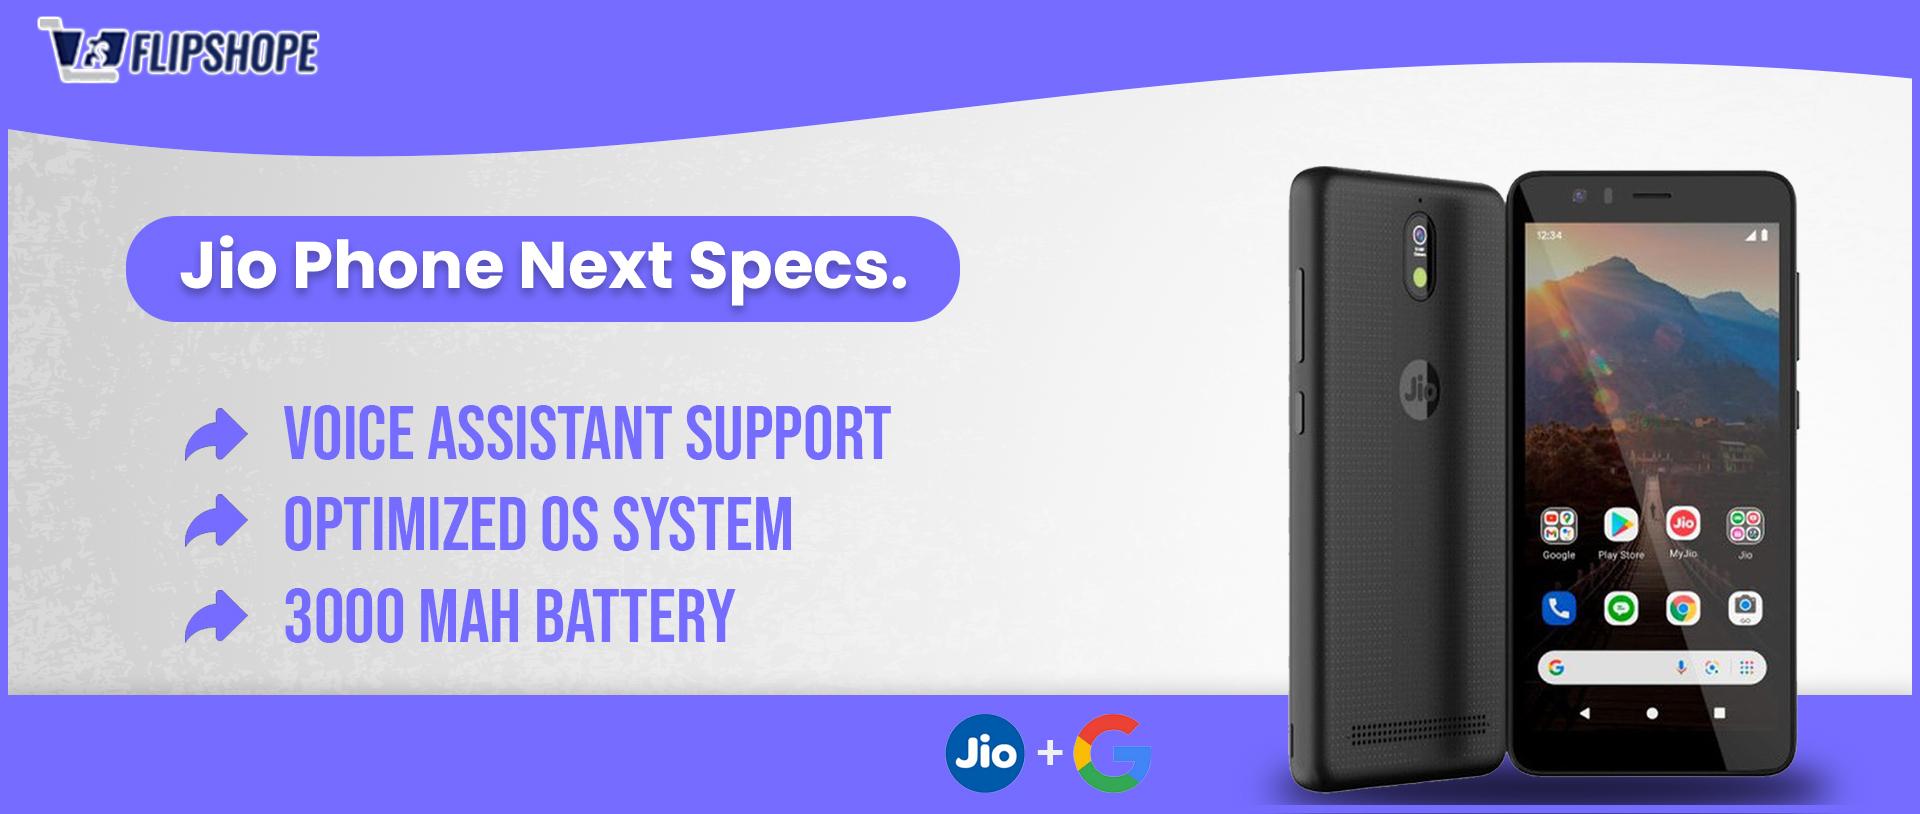 jio phone next specs